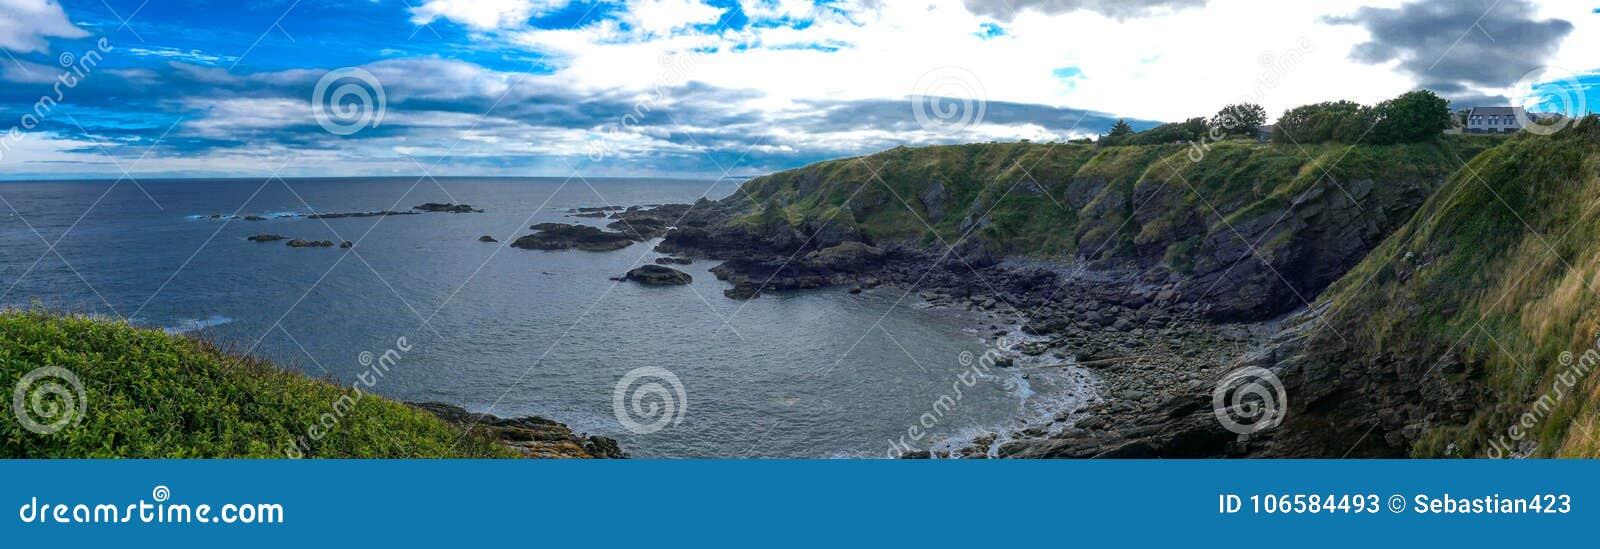 Beautiful Scotland - East Coast Panorama